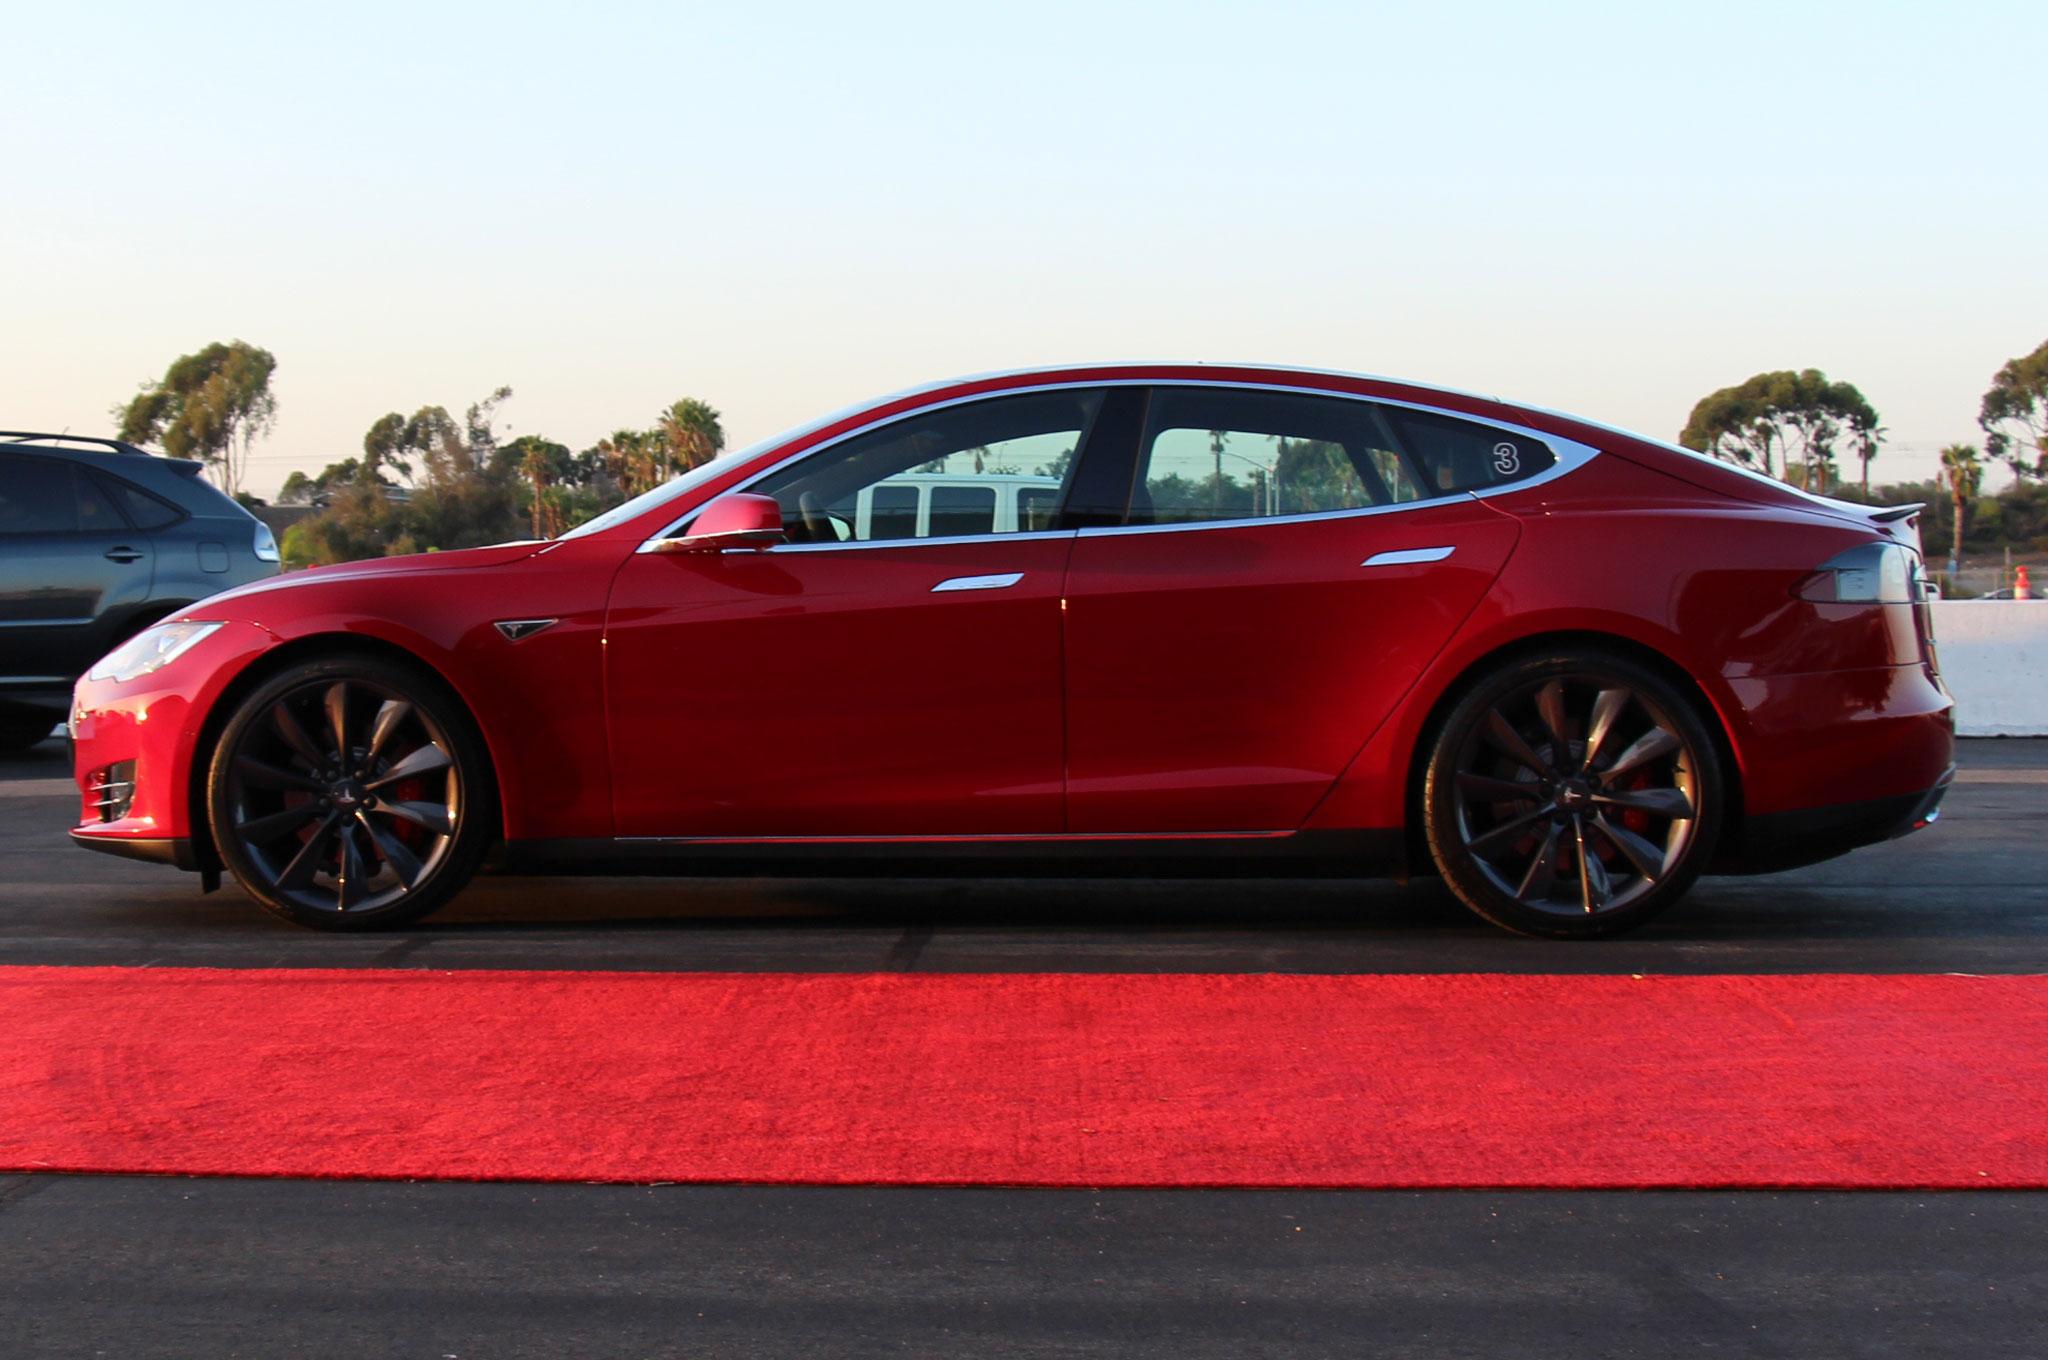 2015 Tesla Model S Adds All Wheel Drive 60d 85d P85d Models